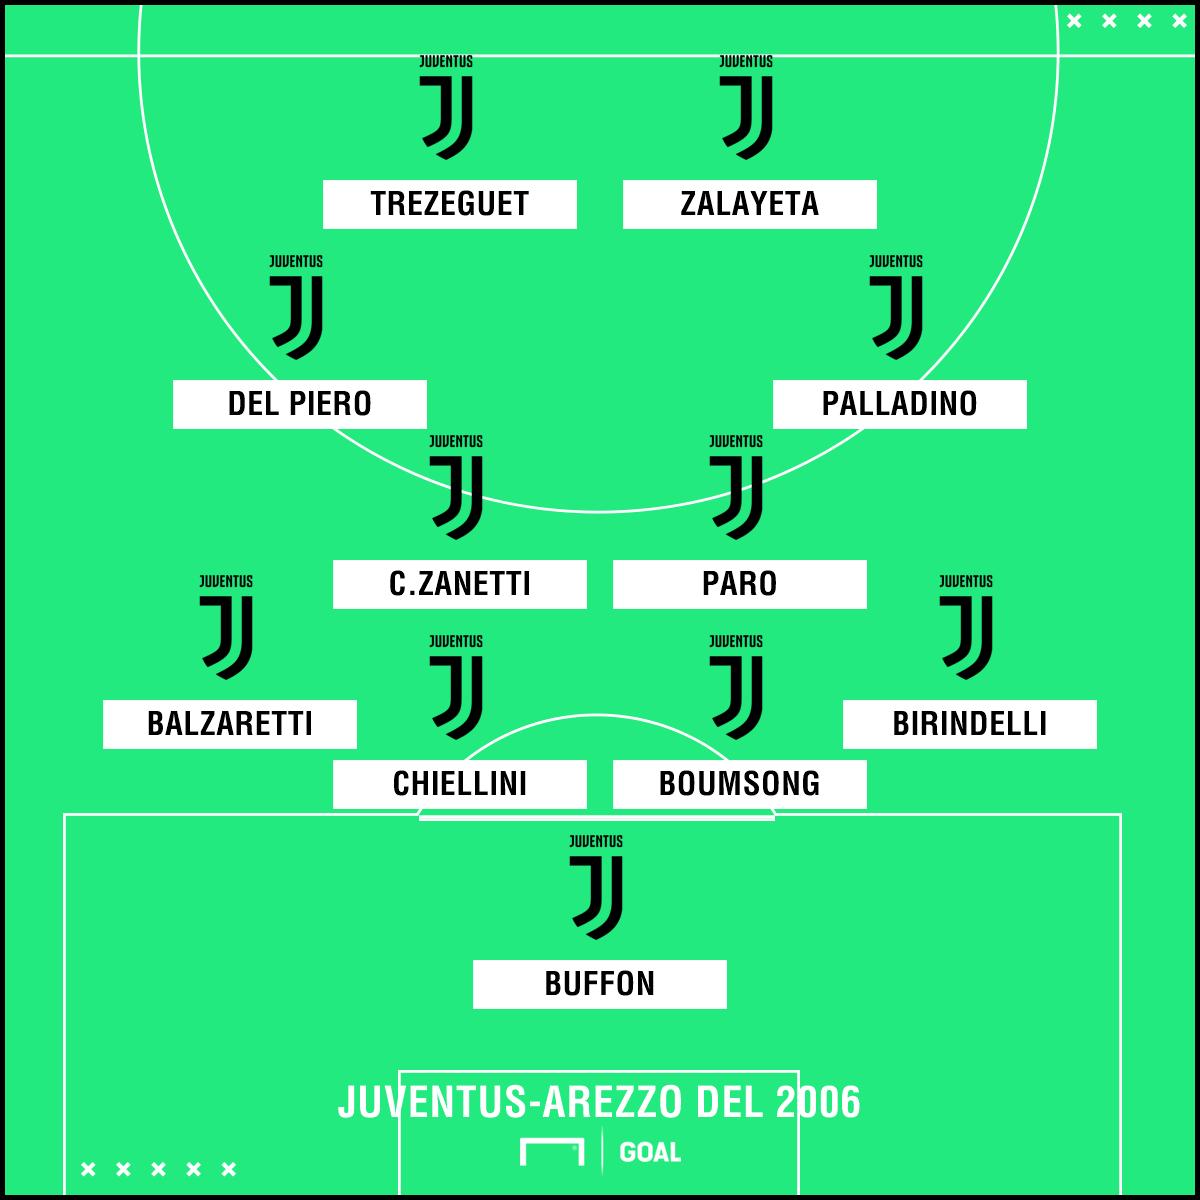 Juventus-Arezzo 2006